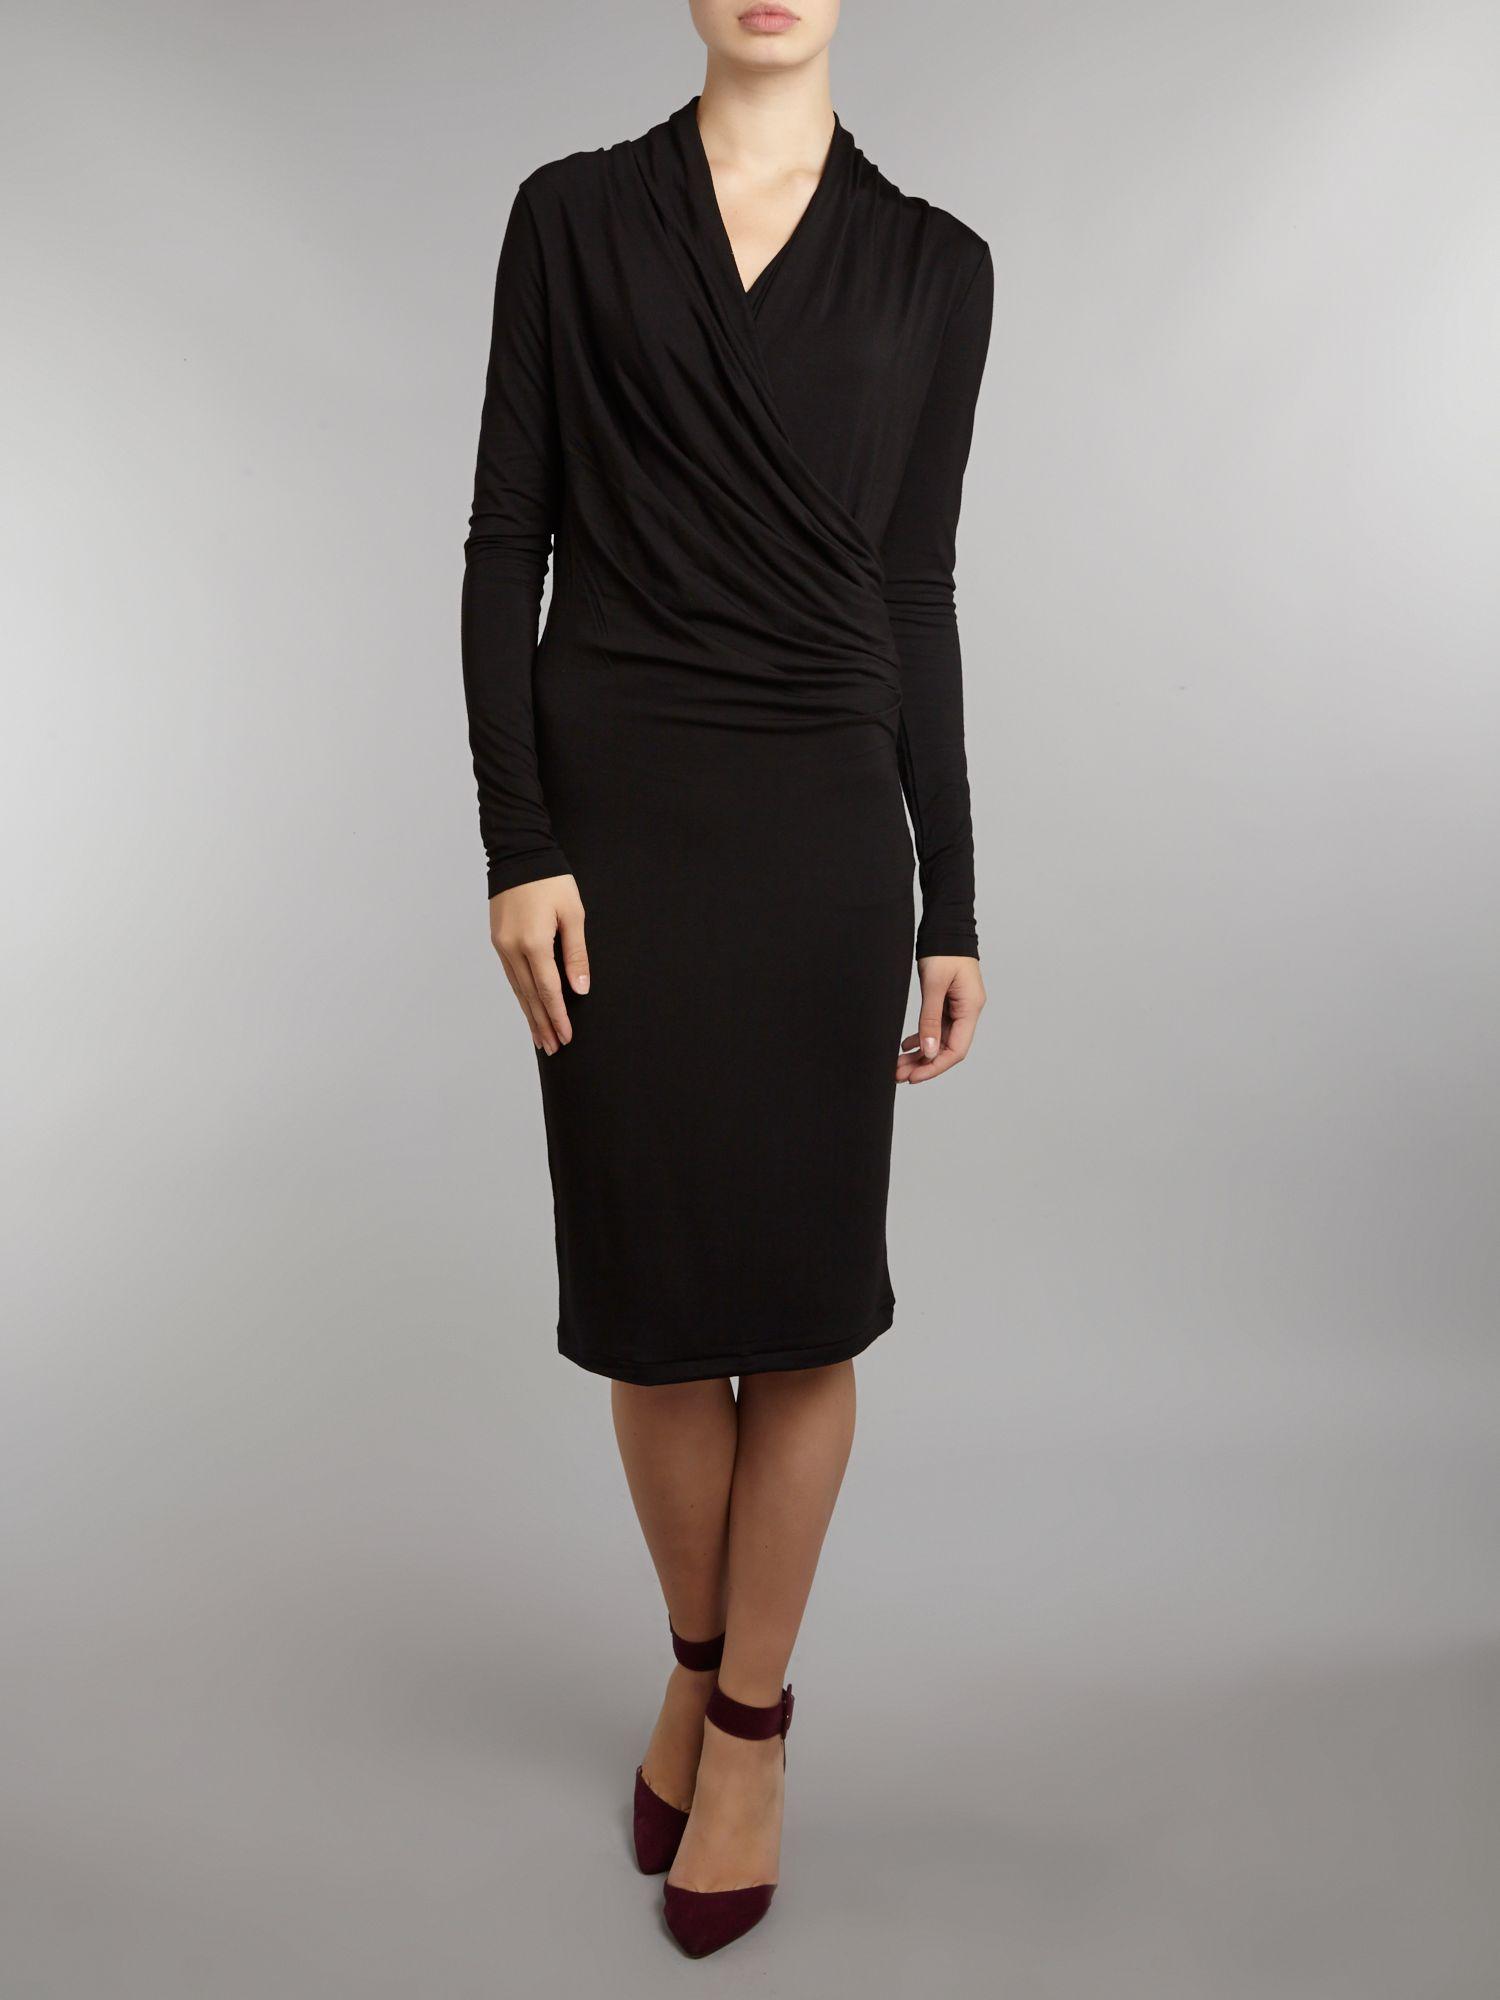 day birger et mikkelsen day basic smooth dress in black lyst. Black Bedroom Furniture Sets. Home Design Ideas